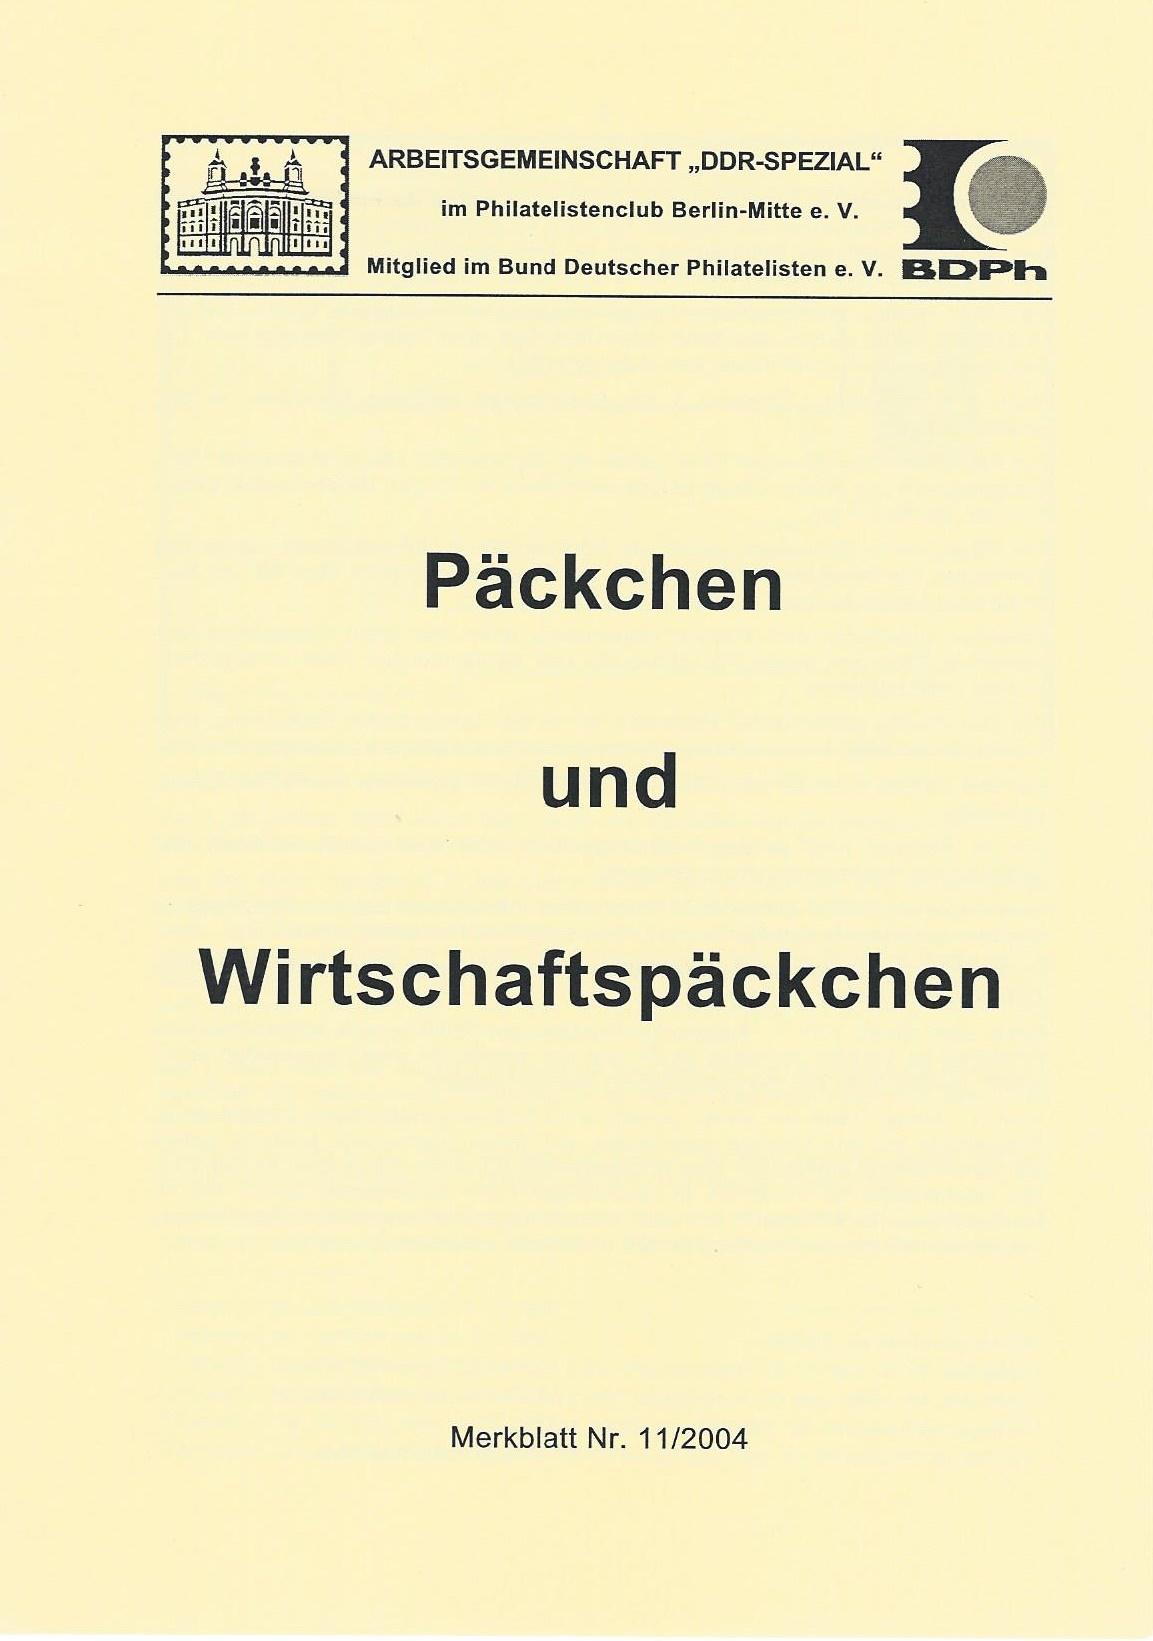 DDR Philatelie Literatur Päckchen